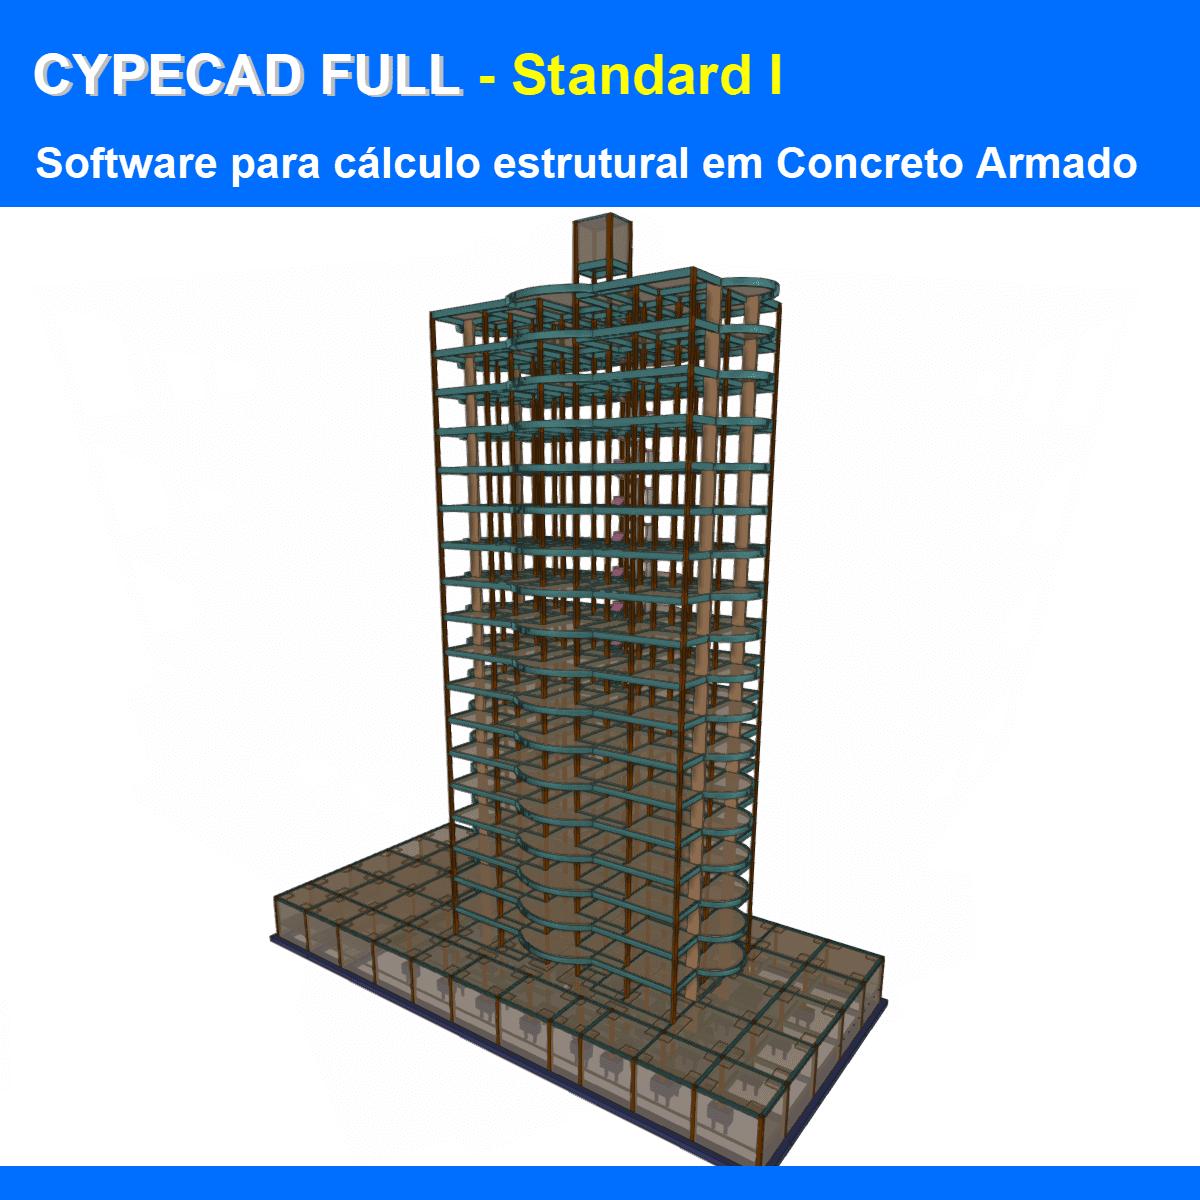 """Software CYPECAD Full Standard I versão 2021 (Licença Eletrônica) incluindo a modulação descrita em """"Itens Inclusos"""" a seguir  - MULTIPLUS SOFTWARES"""